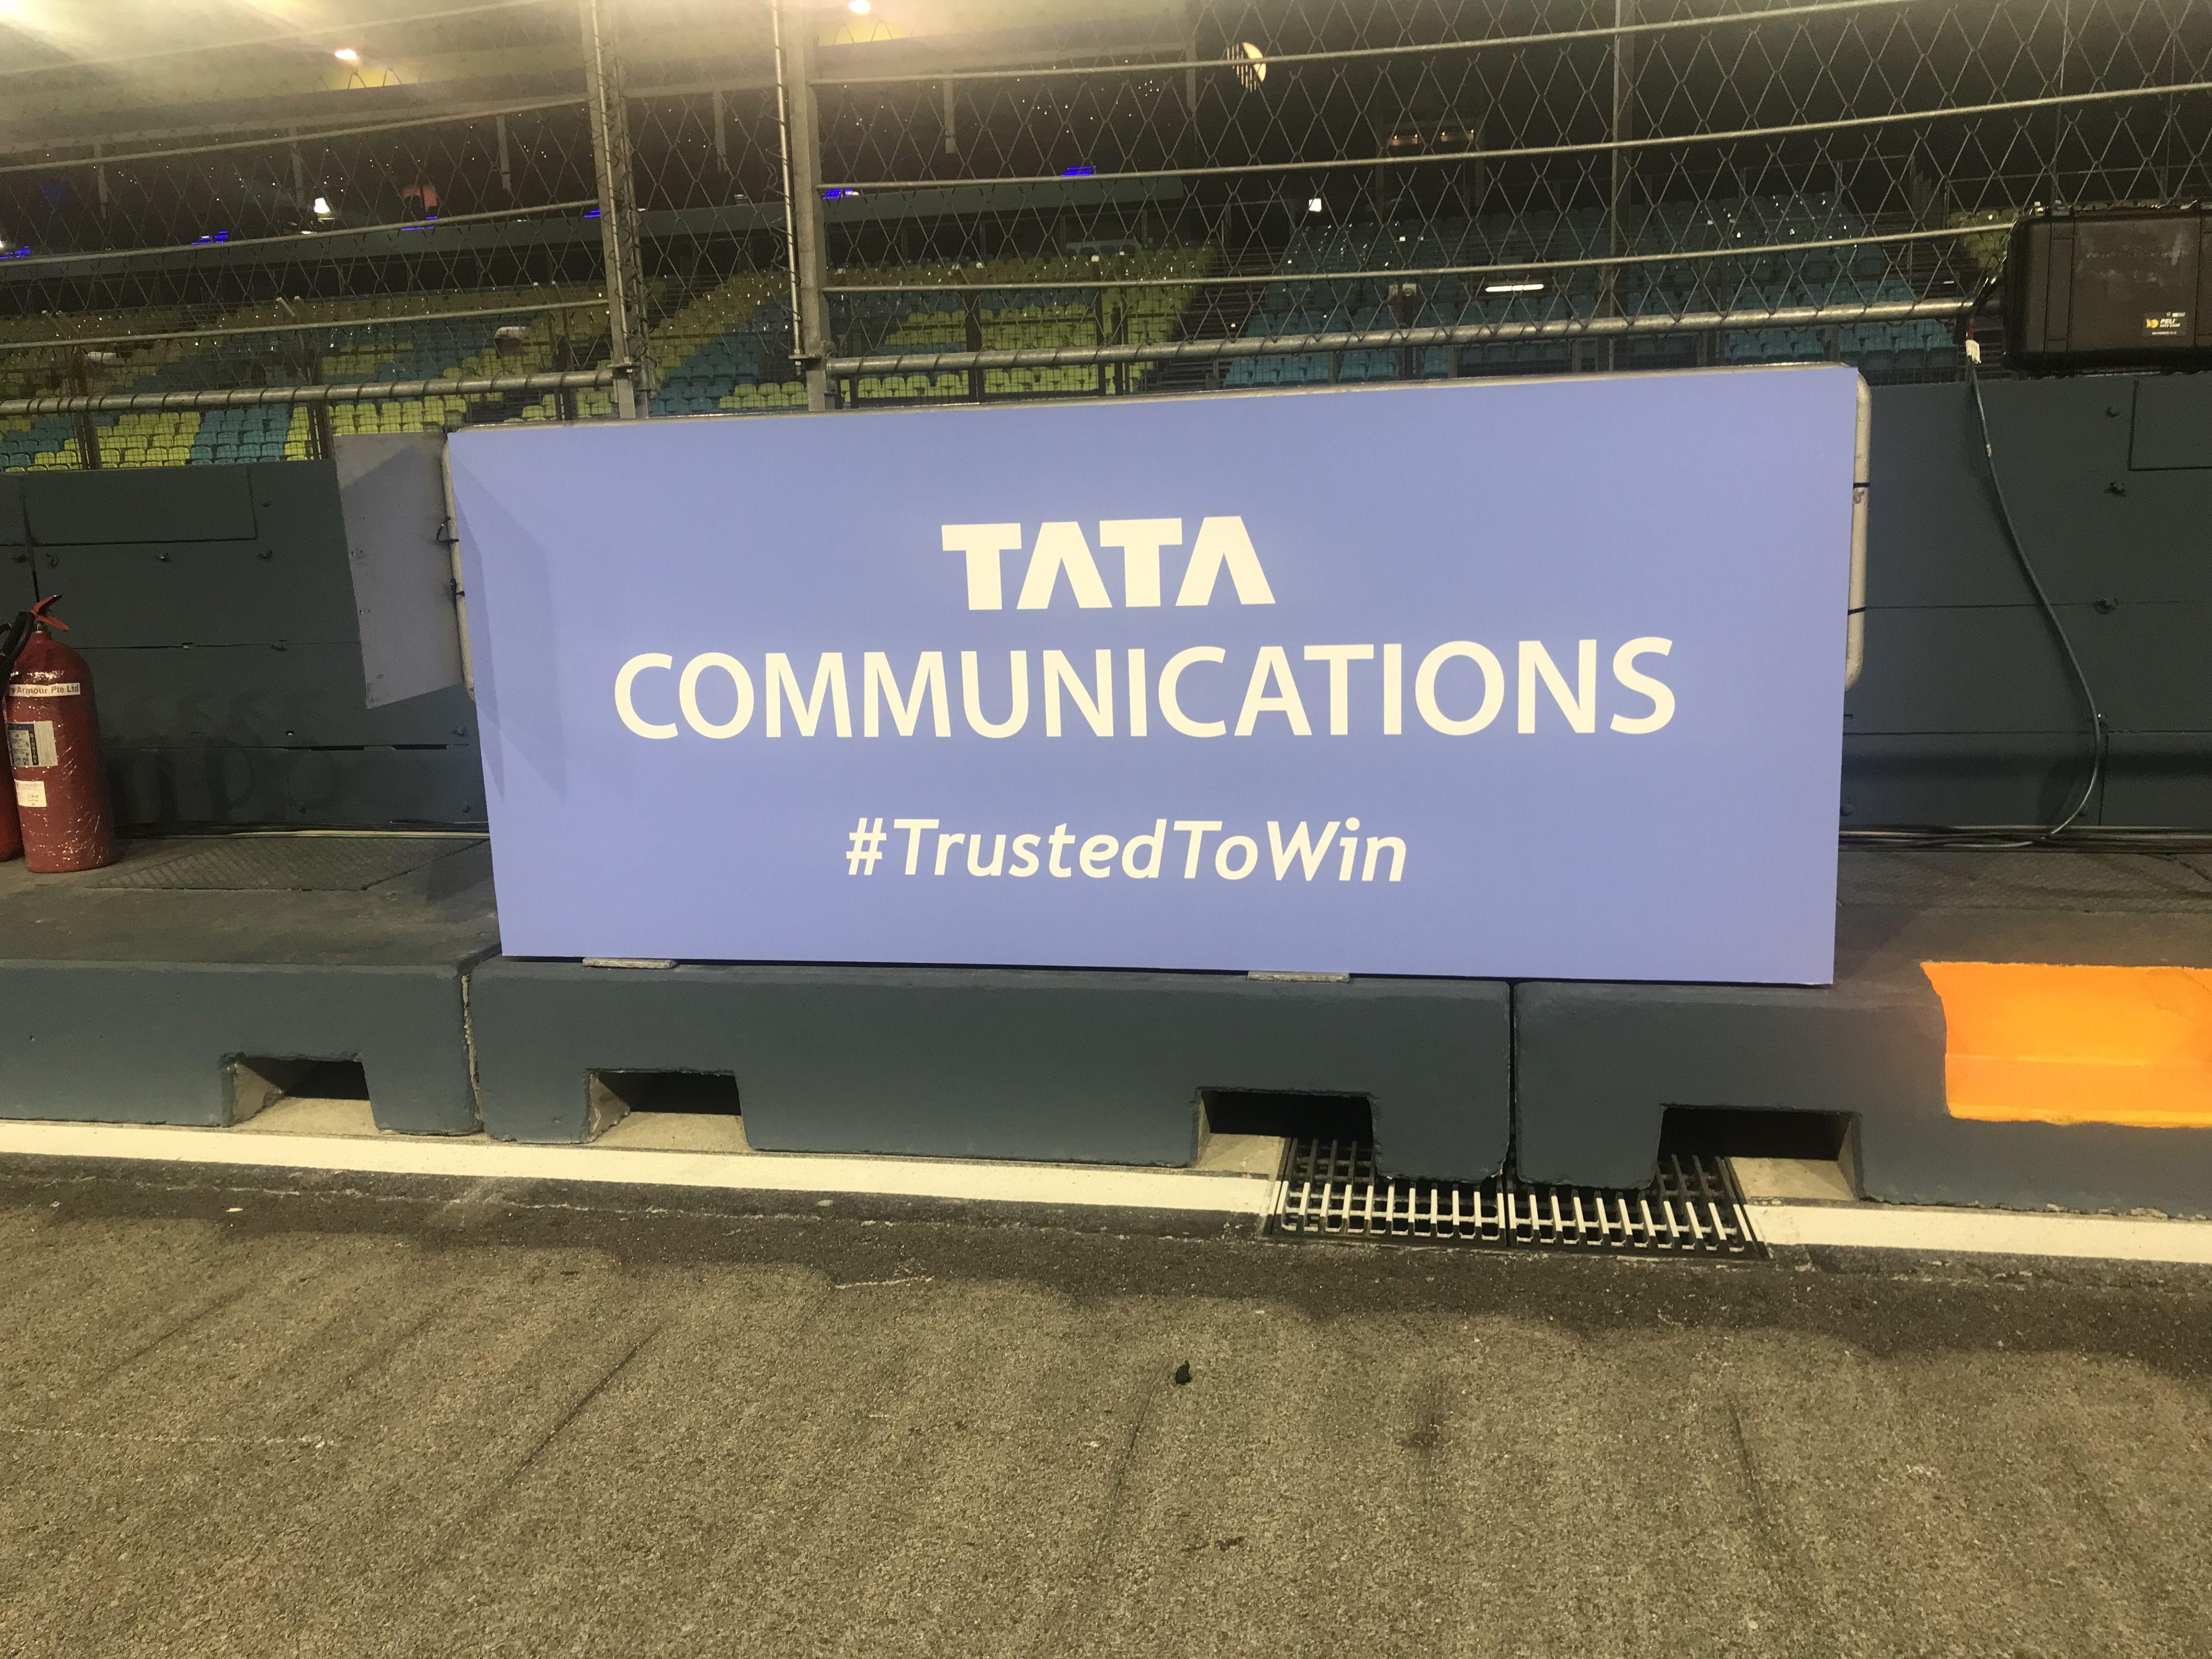 Tata Communications, F1